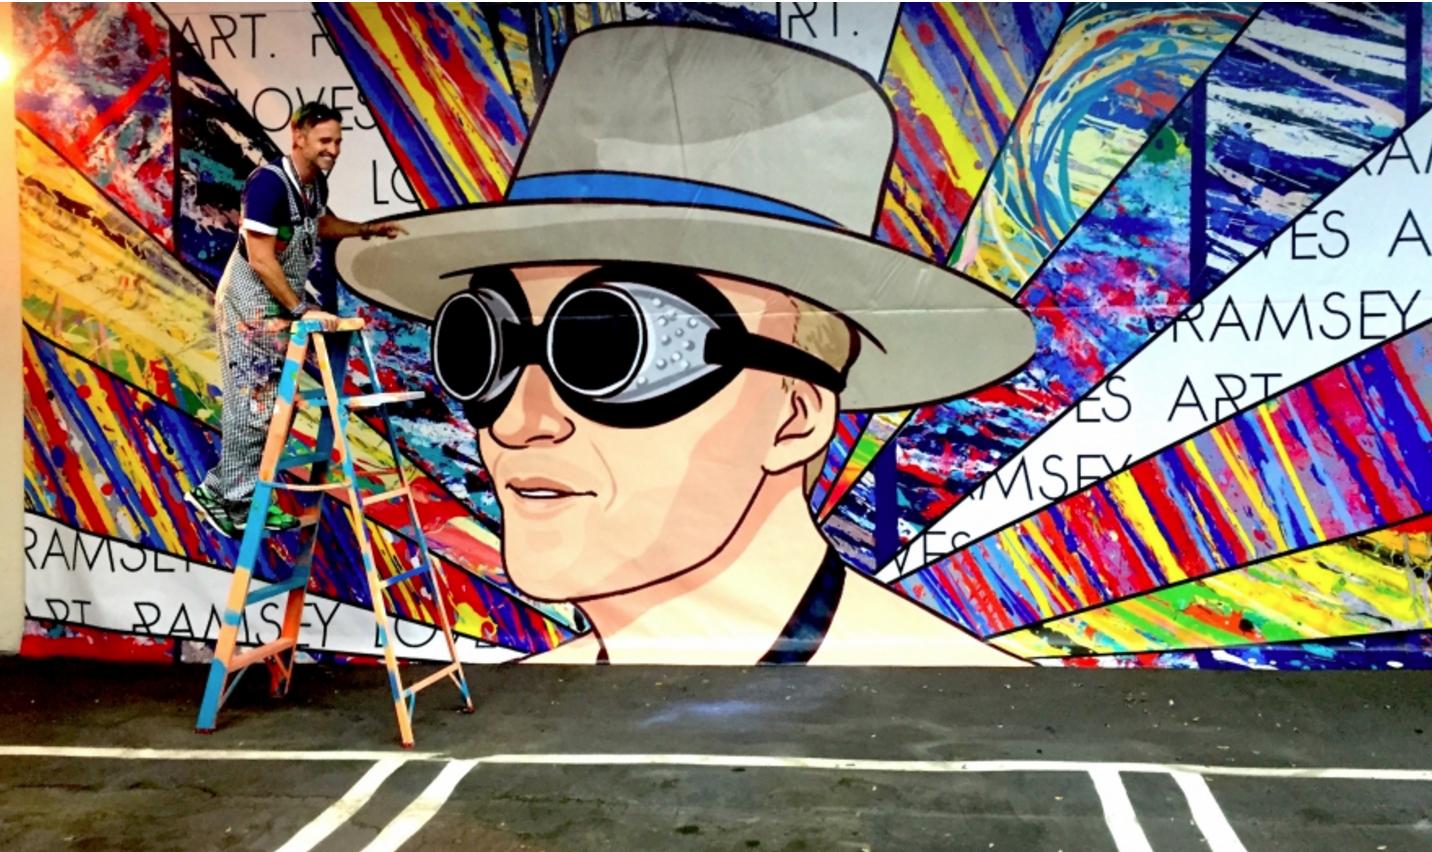 Fine Artist, Tyler Ramsey, Is Making a Splash in the LA Art Scene